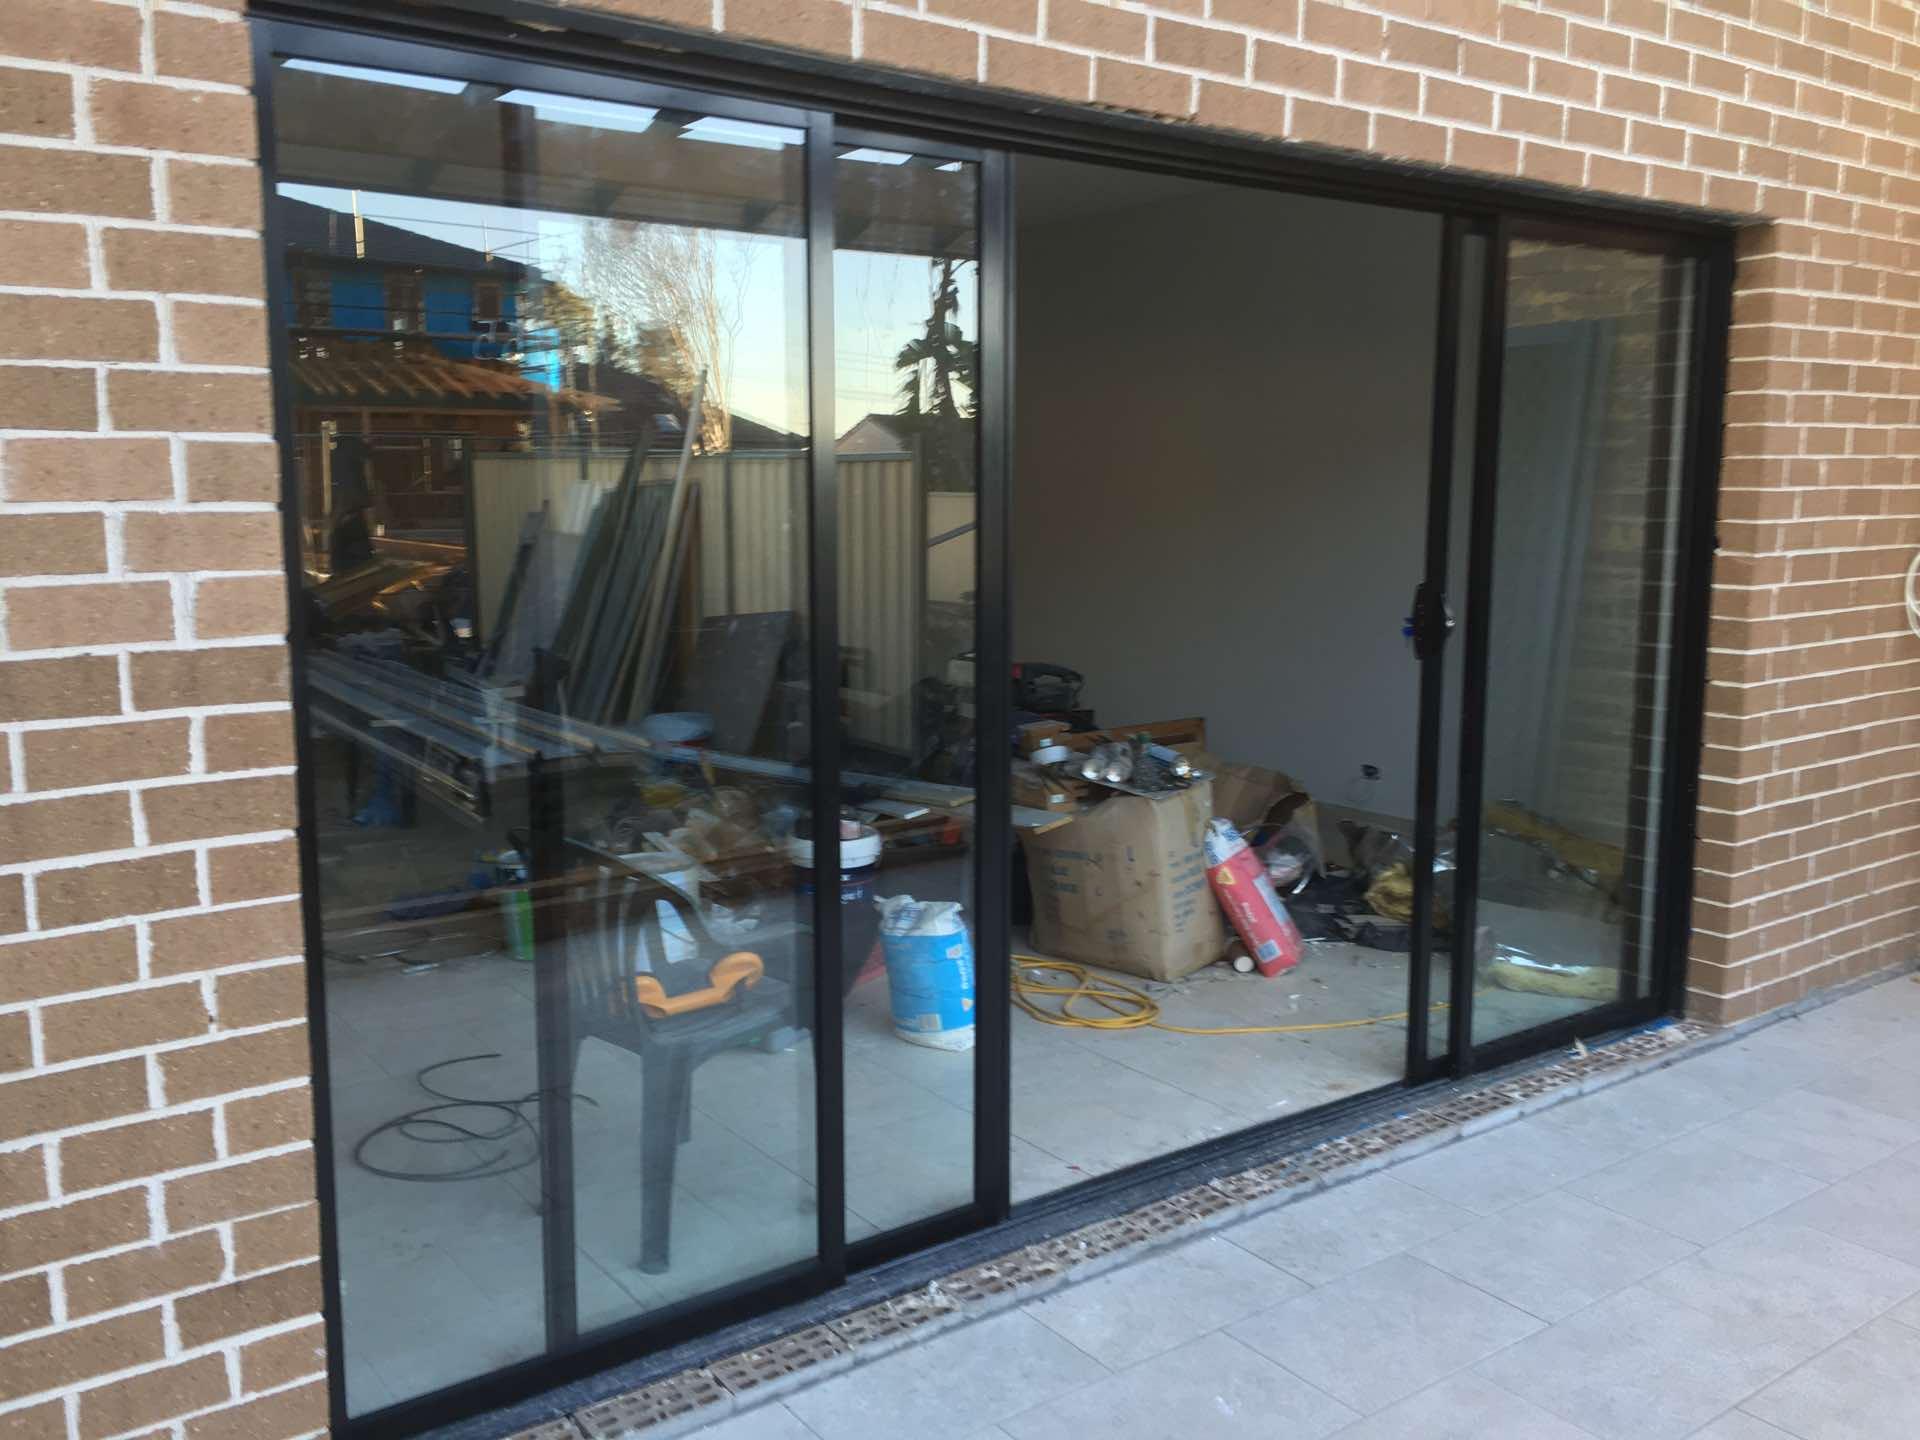 glazing-job-by-wide-aluminium-windows-and-doors-merrylands-nsw-49060.jpg